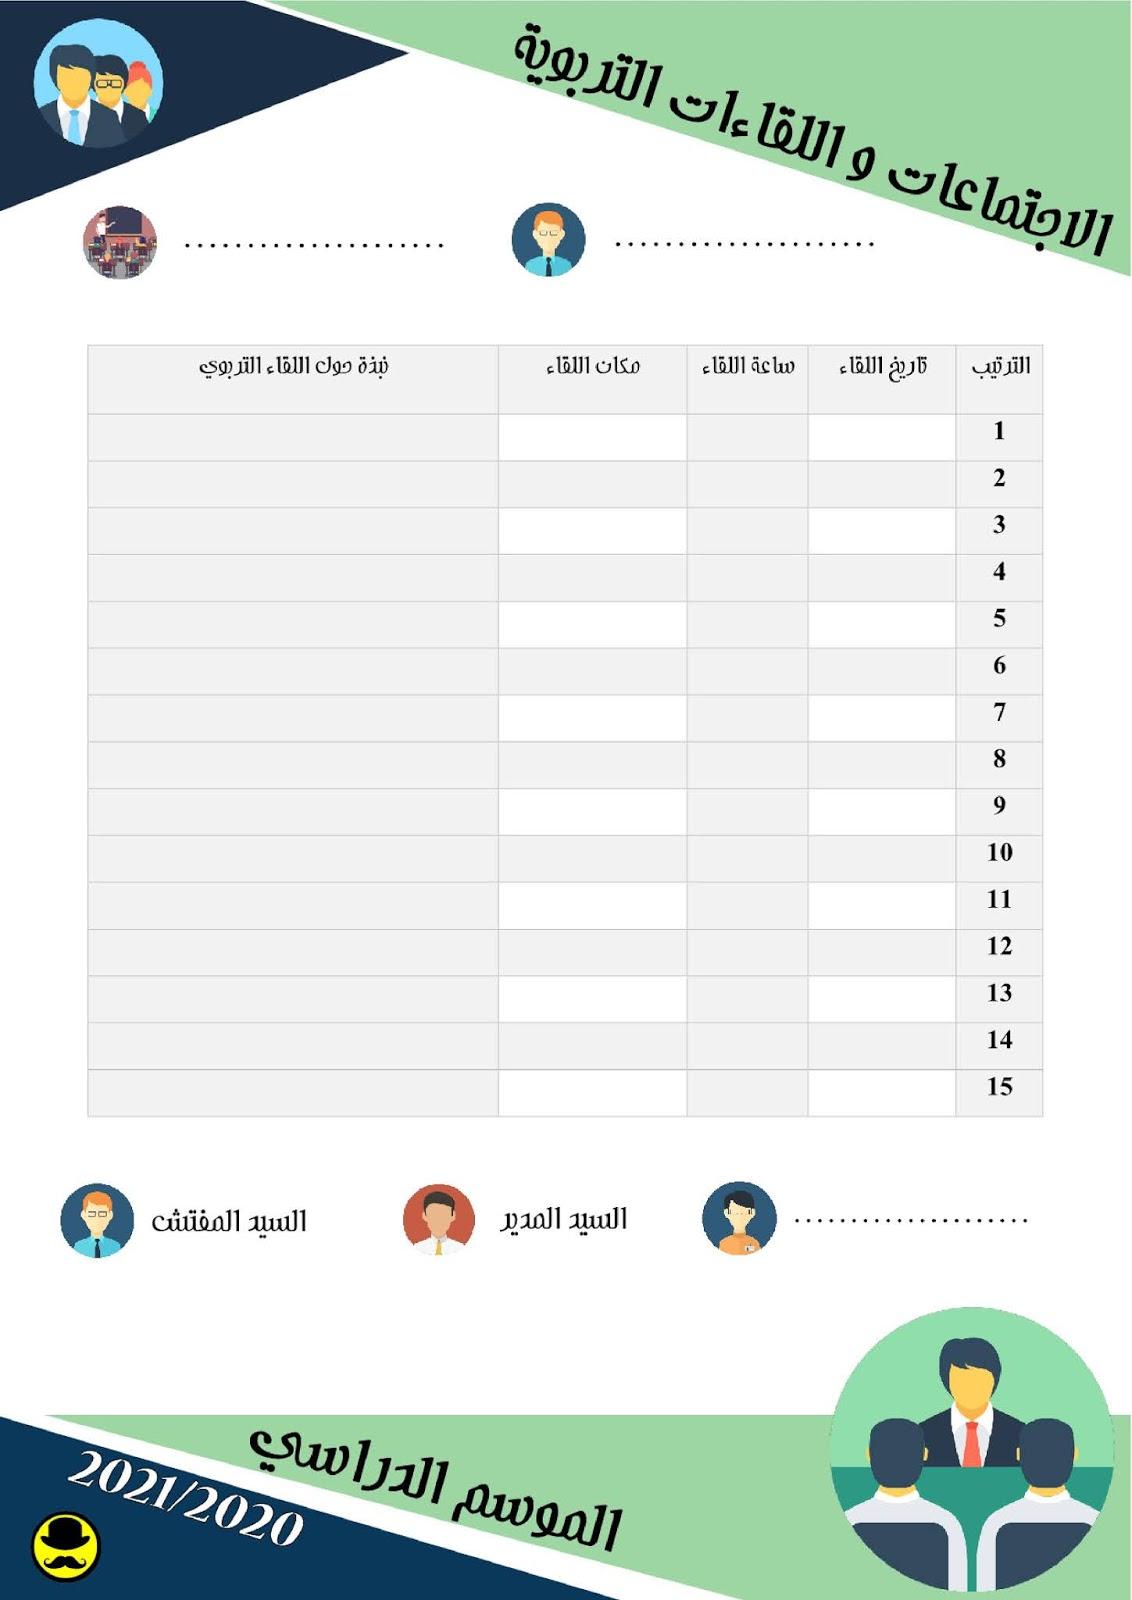 جدول الاجتماعات و اللقاءات التربوية - الموسم الدراسي 2020-2021 تجدونها حصريا على موقع وثائق البروفيسور